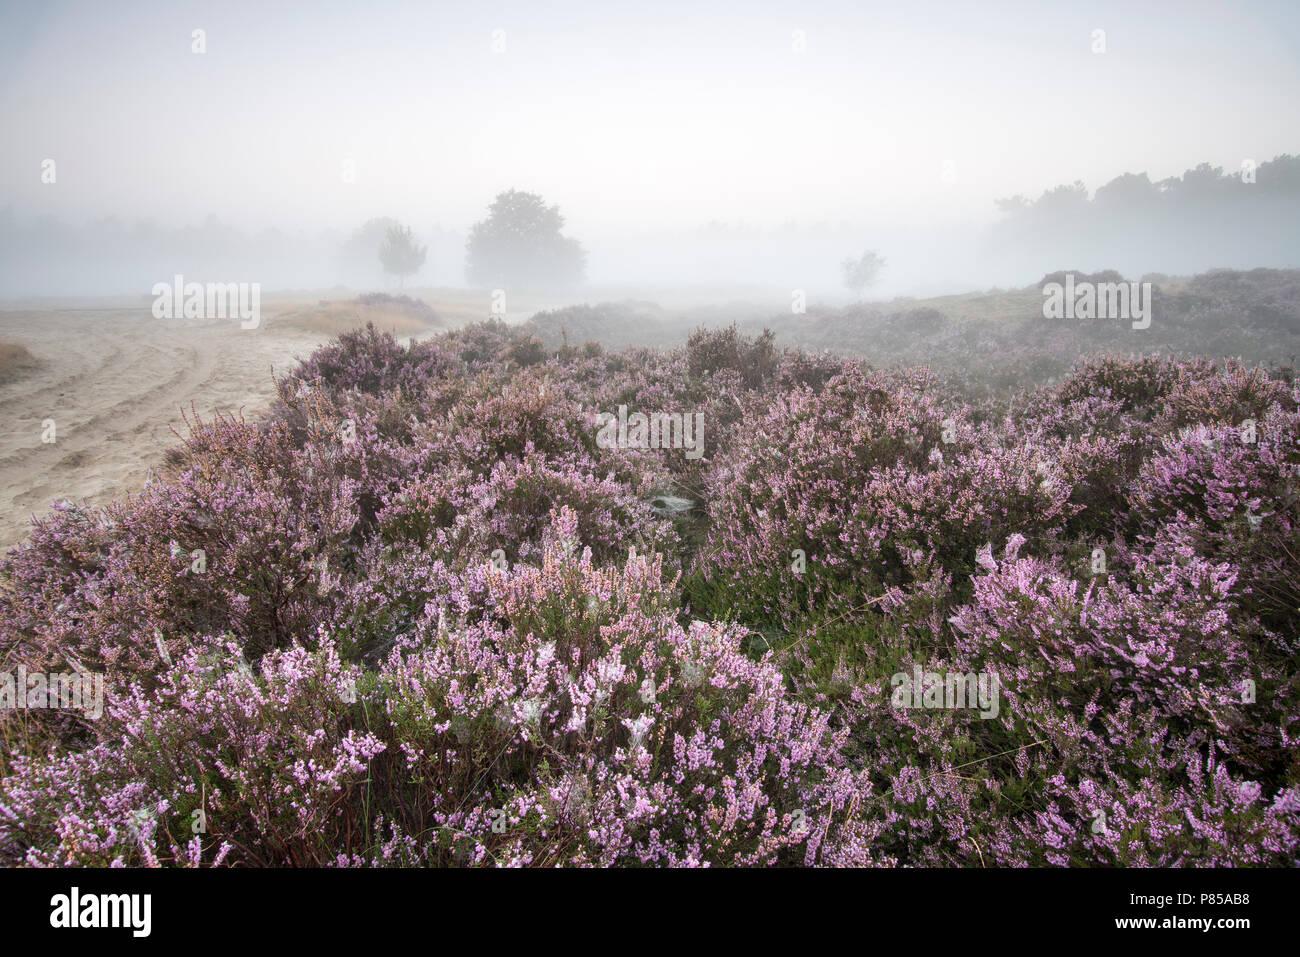 N.P. Looonse en Drunense Duinen, mistige zonsopkomst, foggy sunrise - Stock Image